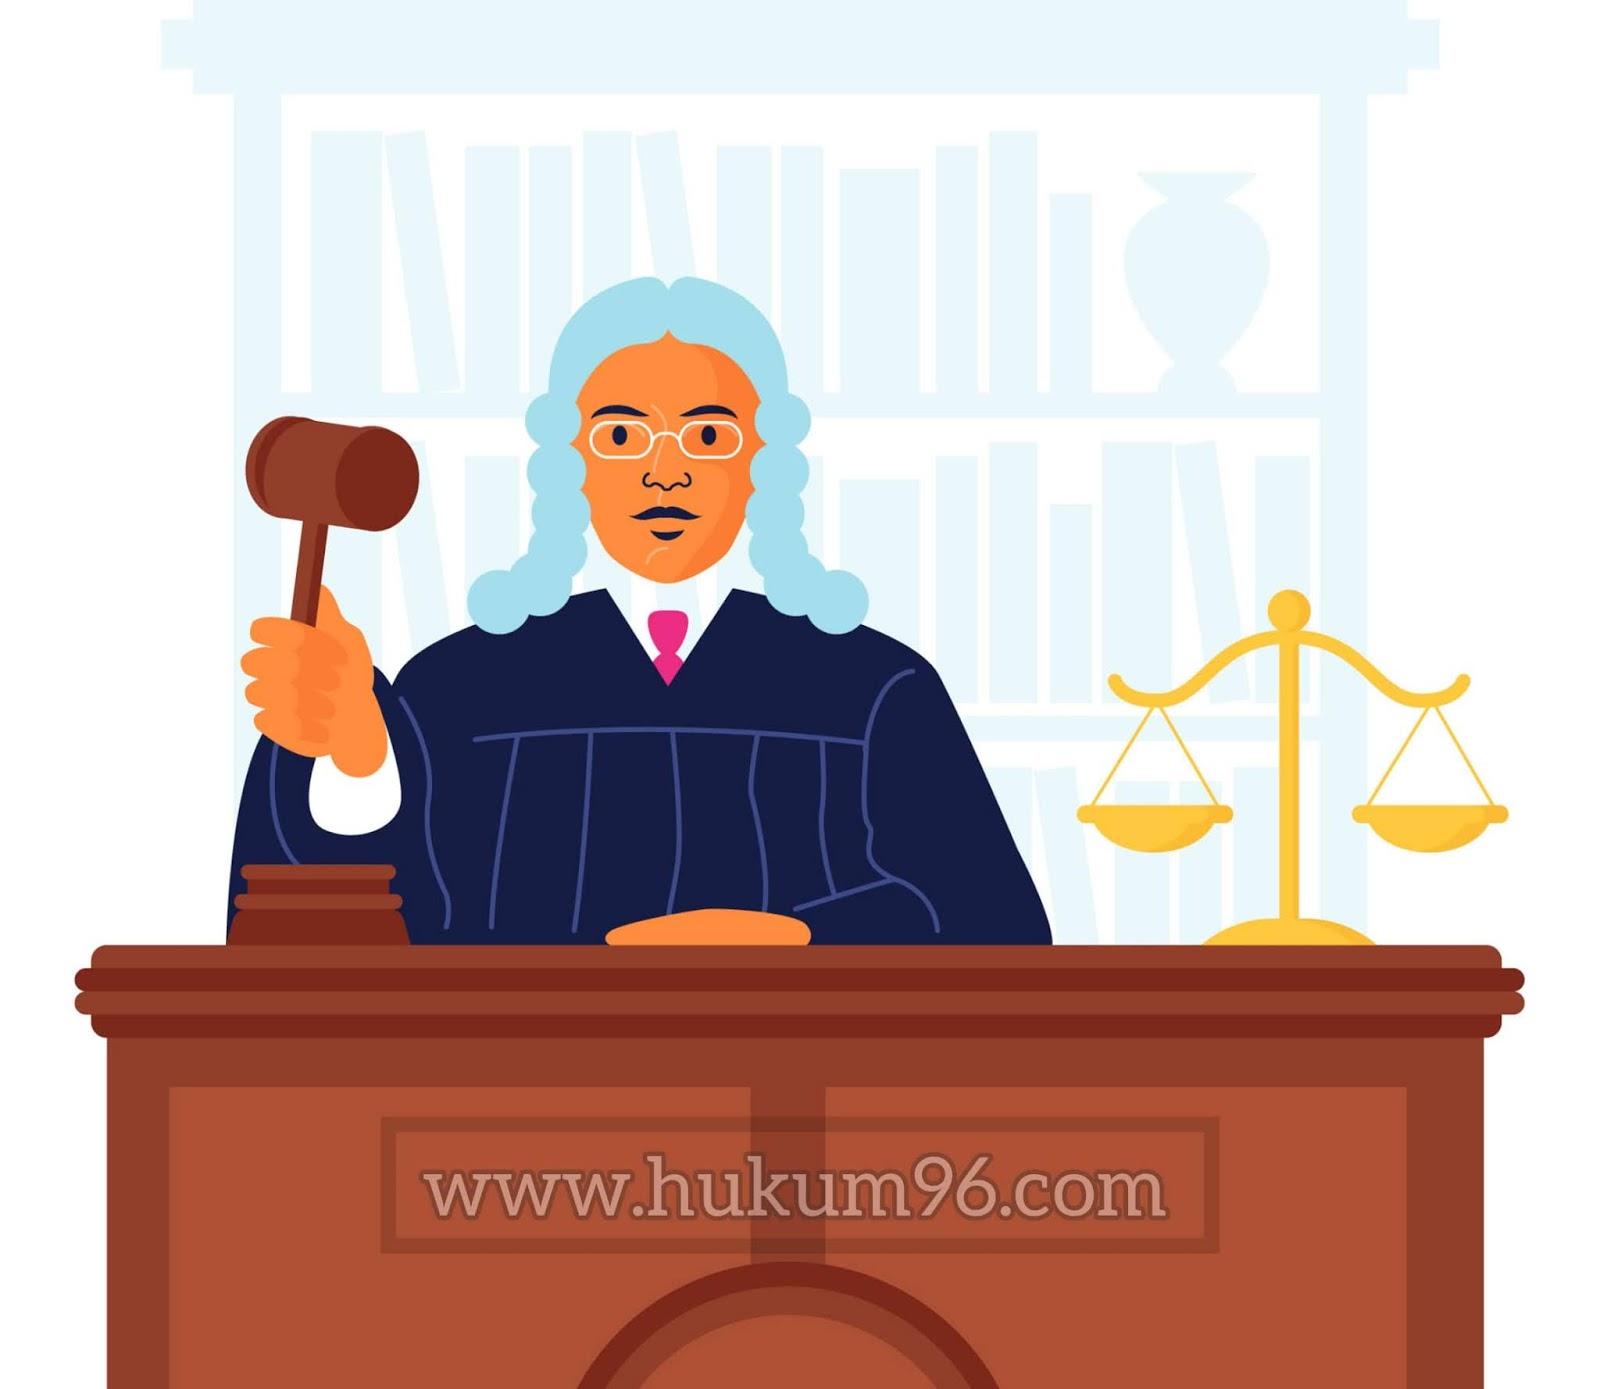 Prosedur Hukum Jika Tergugat Tidak Mau Melaksanakan Putusan Pengadilan